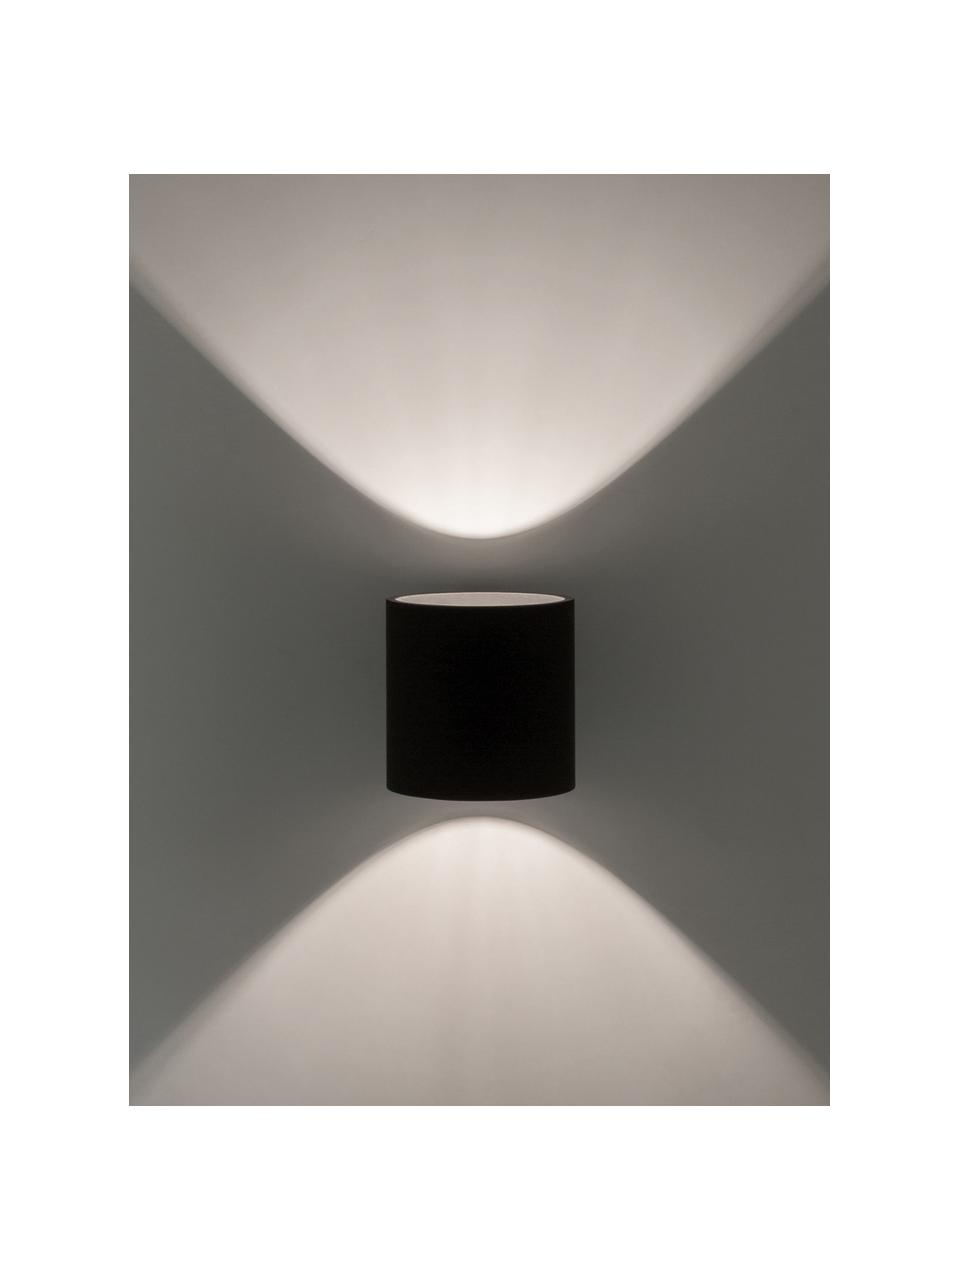 Wandleuchte Roda in Schwarz, Lampenschirm: Aluminium, pulverbeschich, Schwarz, 10 x 10 cm